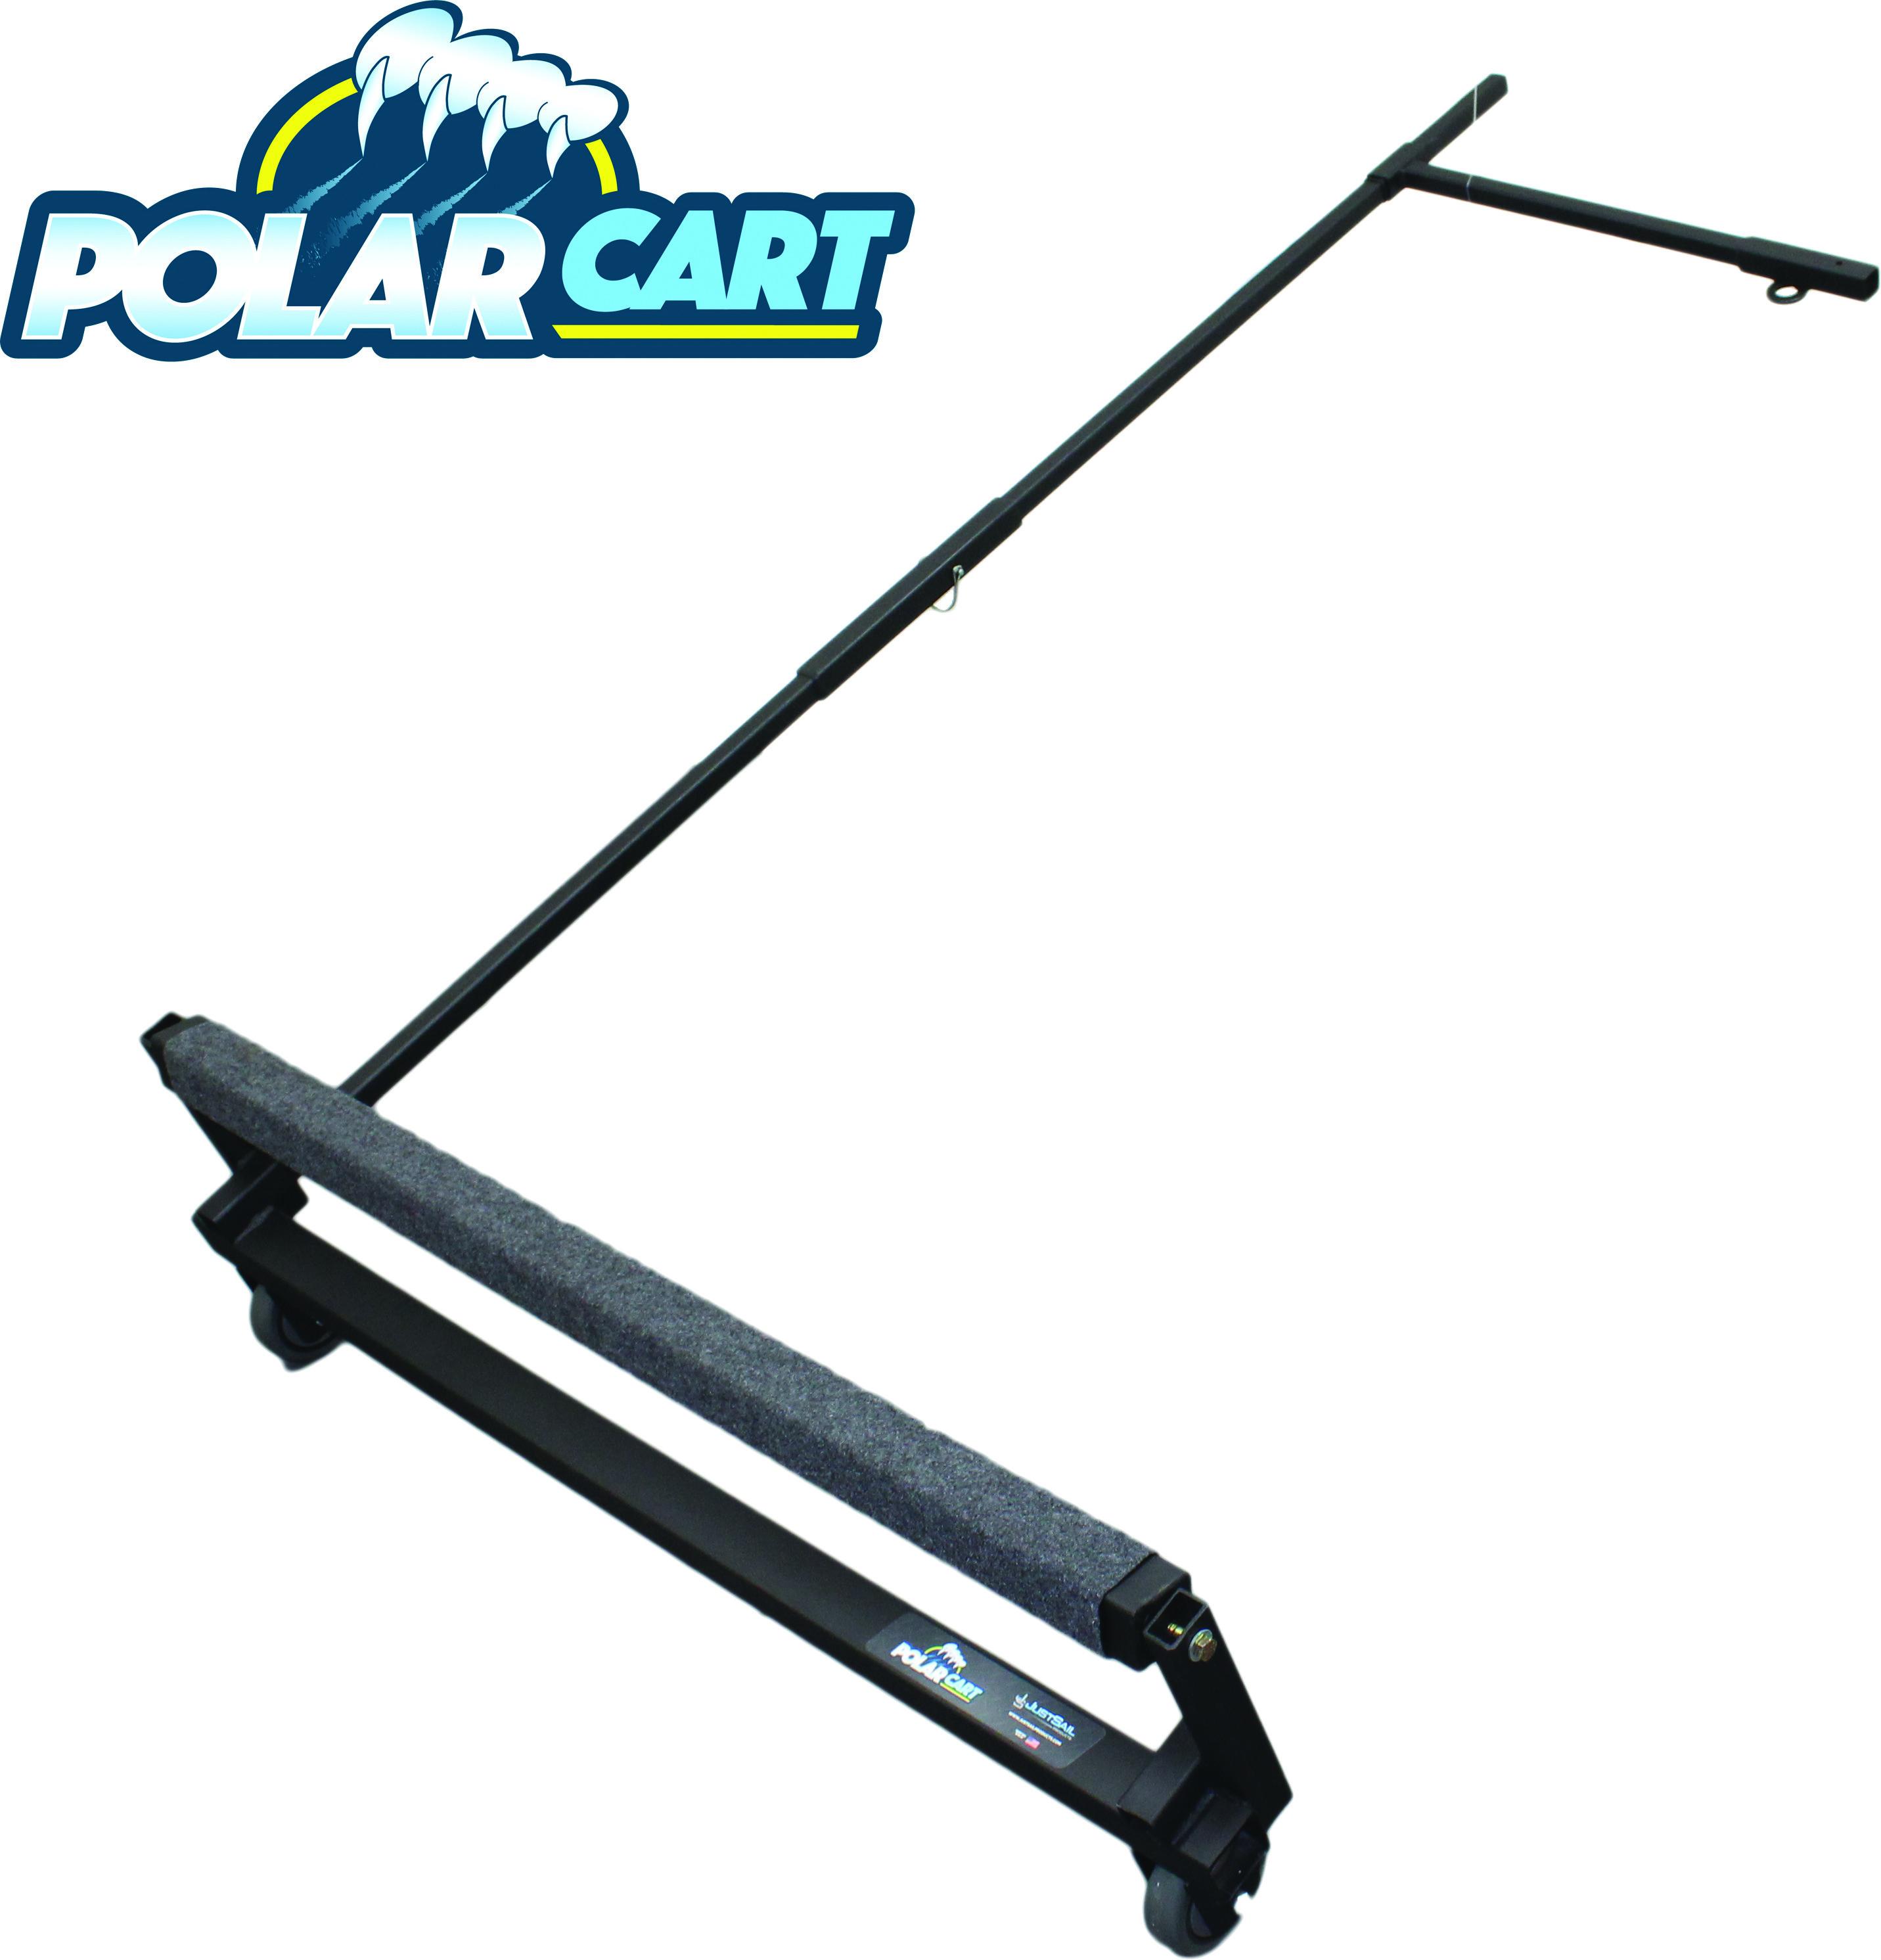 Polar Cart